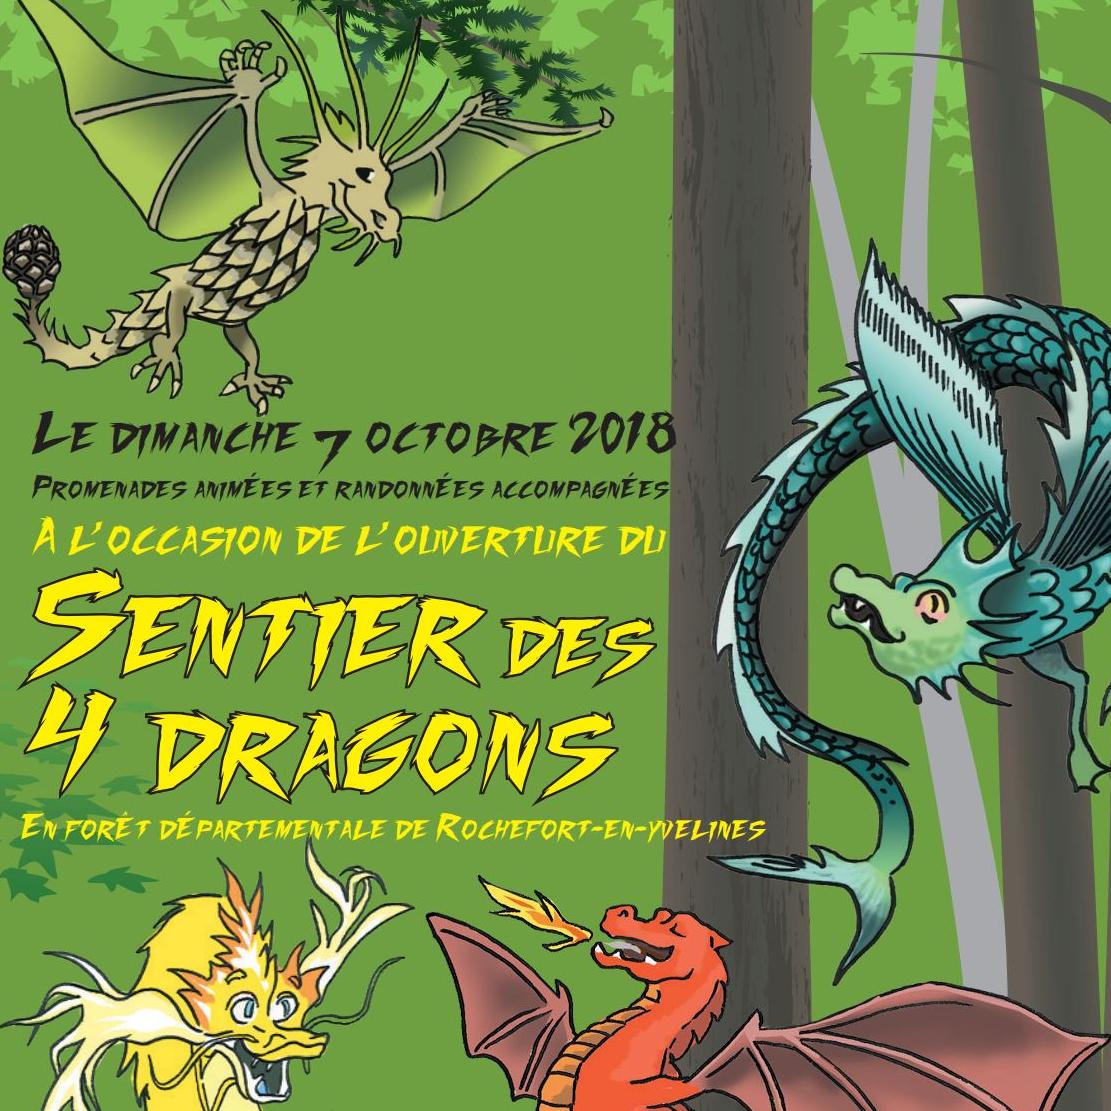 Inauguration du Sentier des 4 dragons dans la forêt de Rochefort